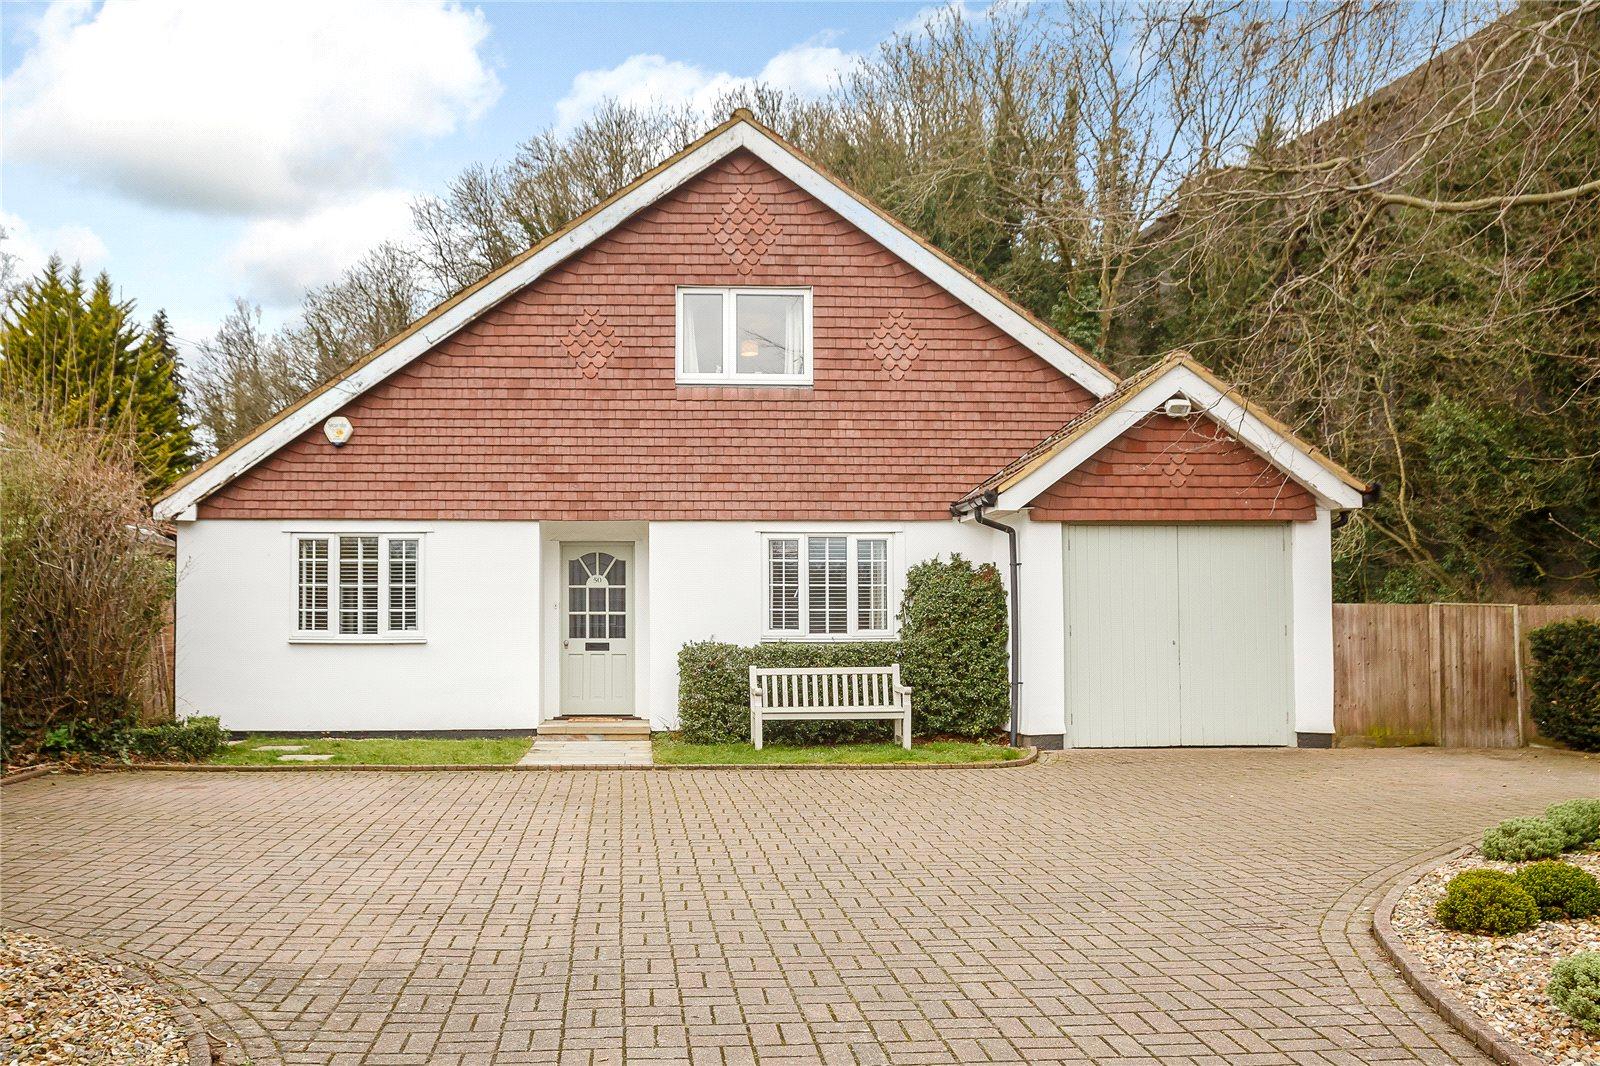 一戸建て のために 売買 アット Hertford Road, Digswell, Welwyn, Hertfordshire, AL6 Welwyn, イギリス